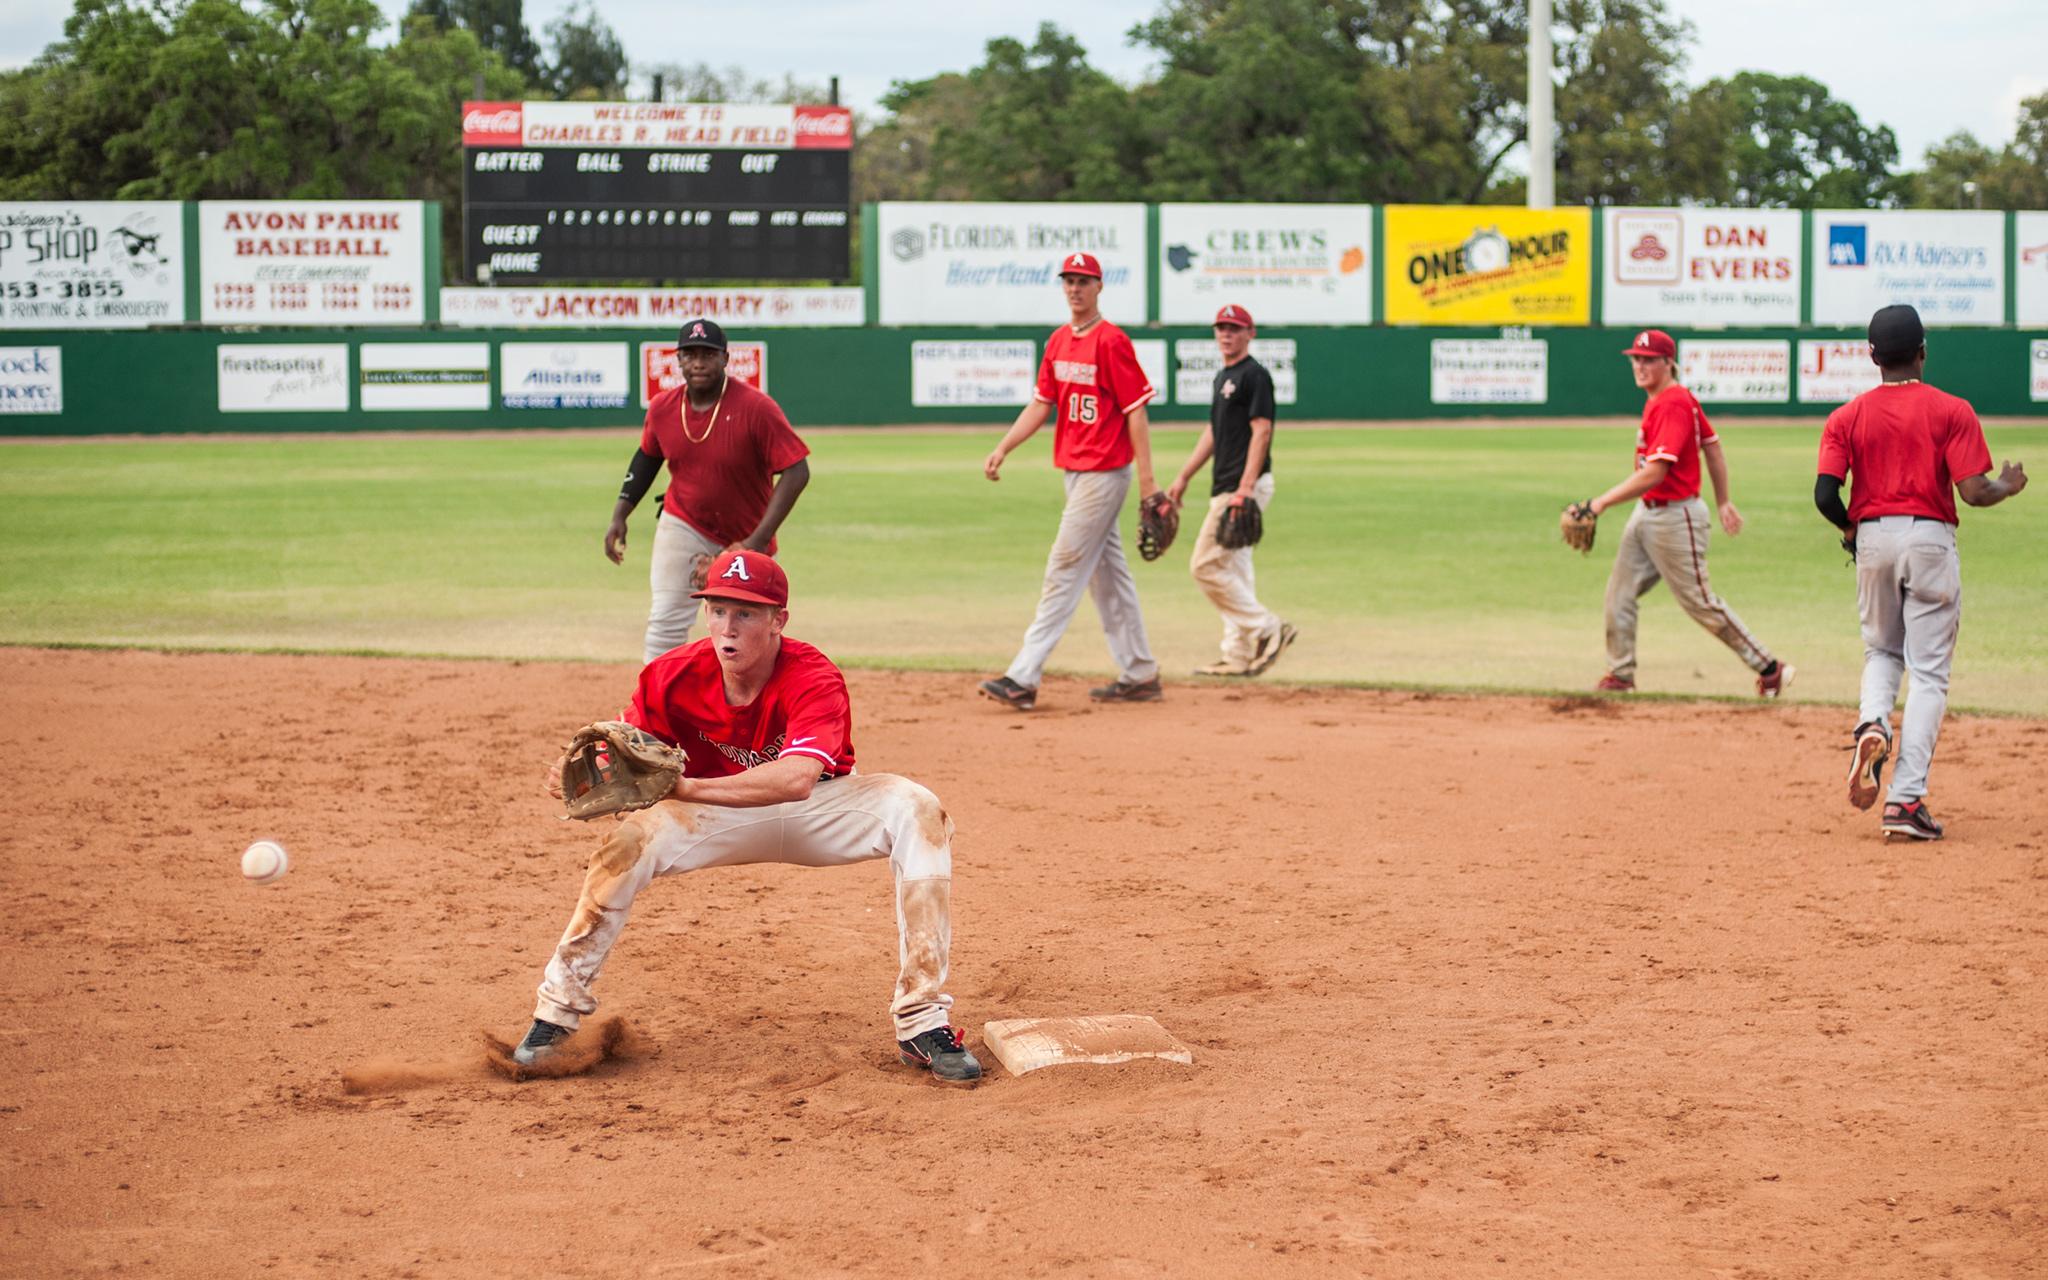 avon park baseball welcome to baseball city 2012 espn